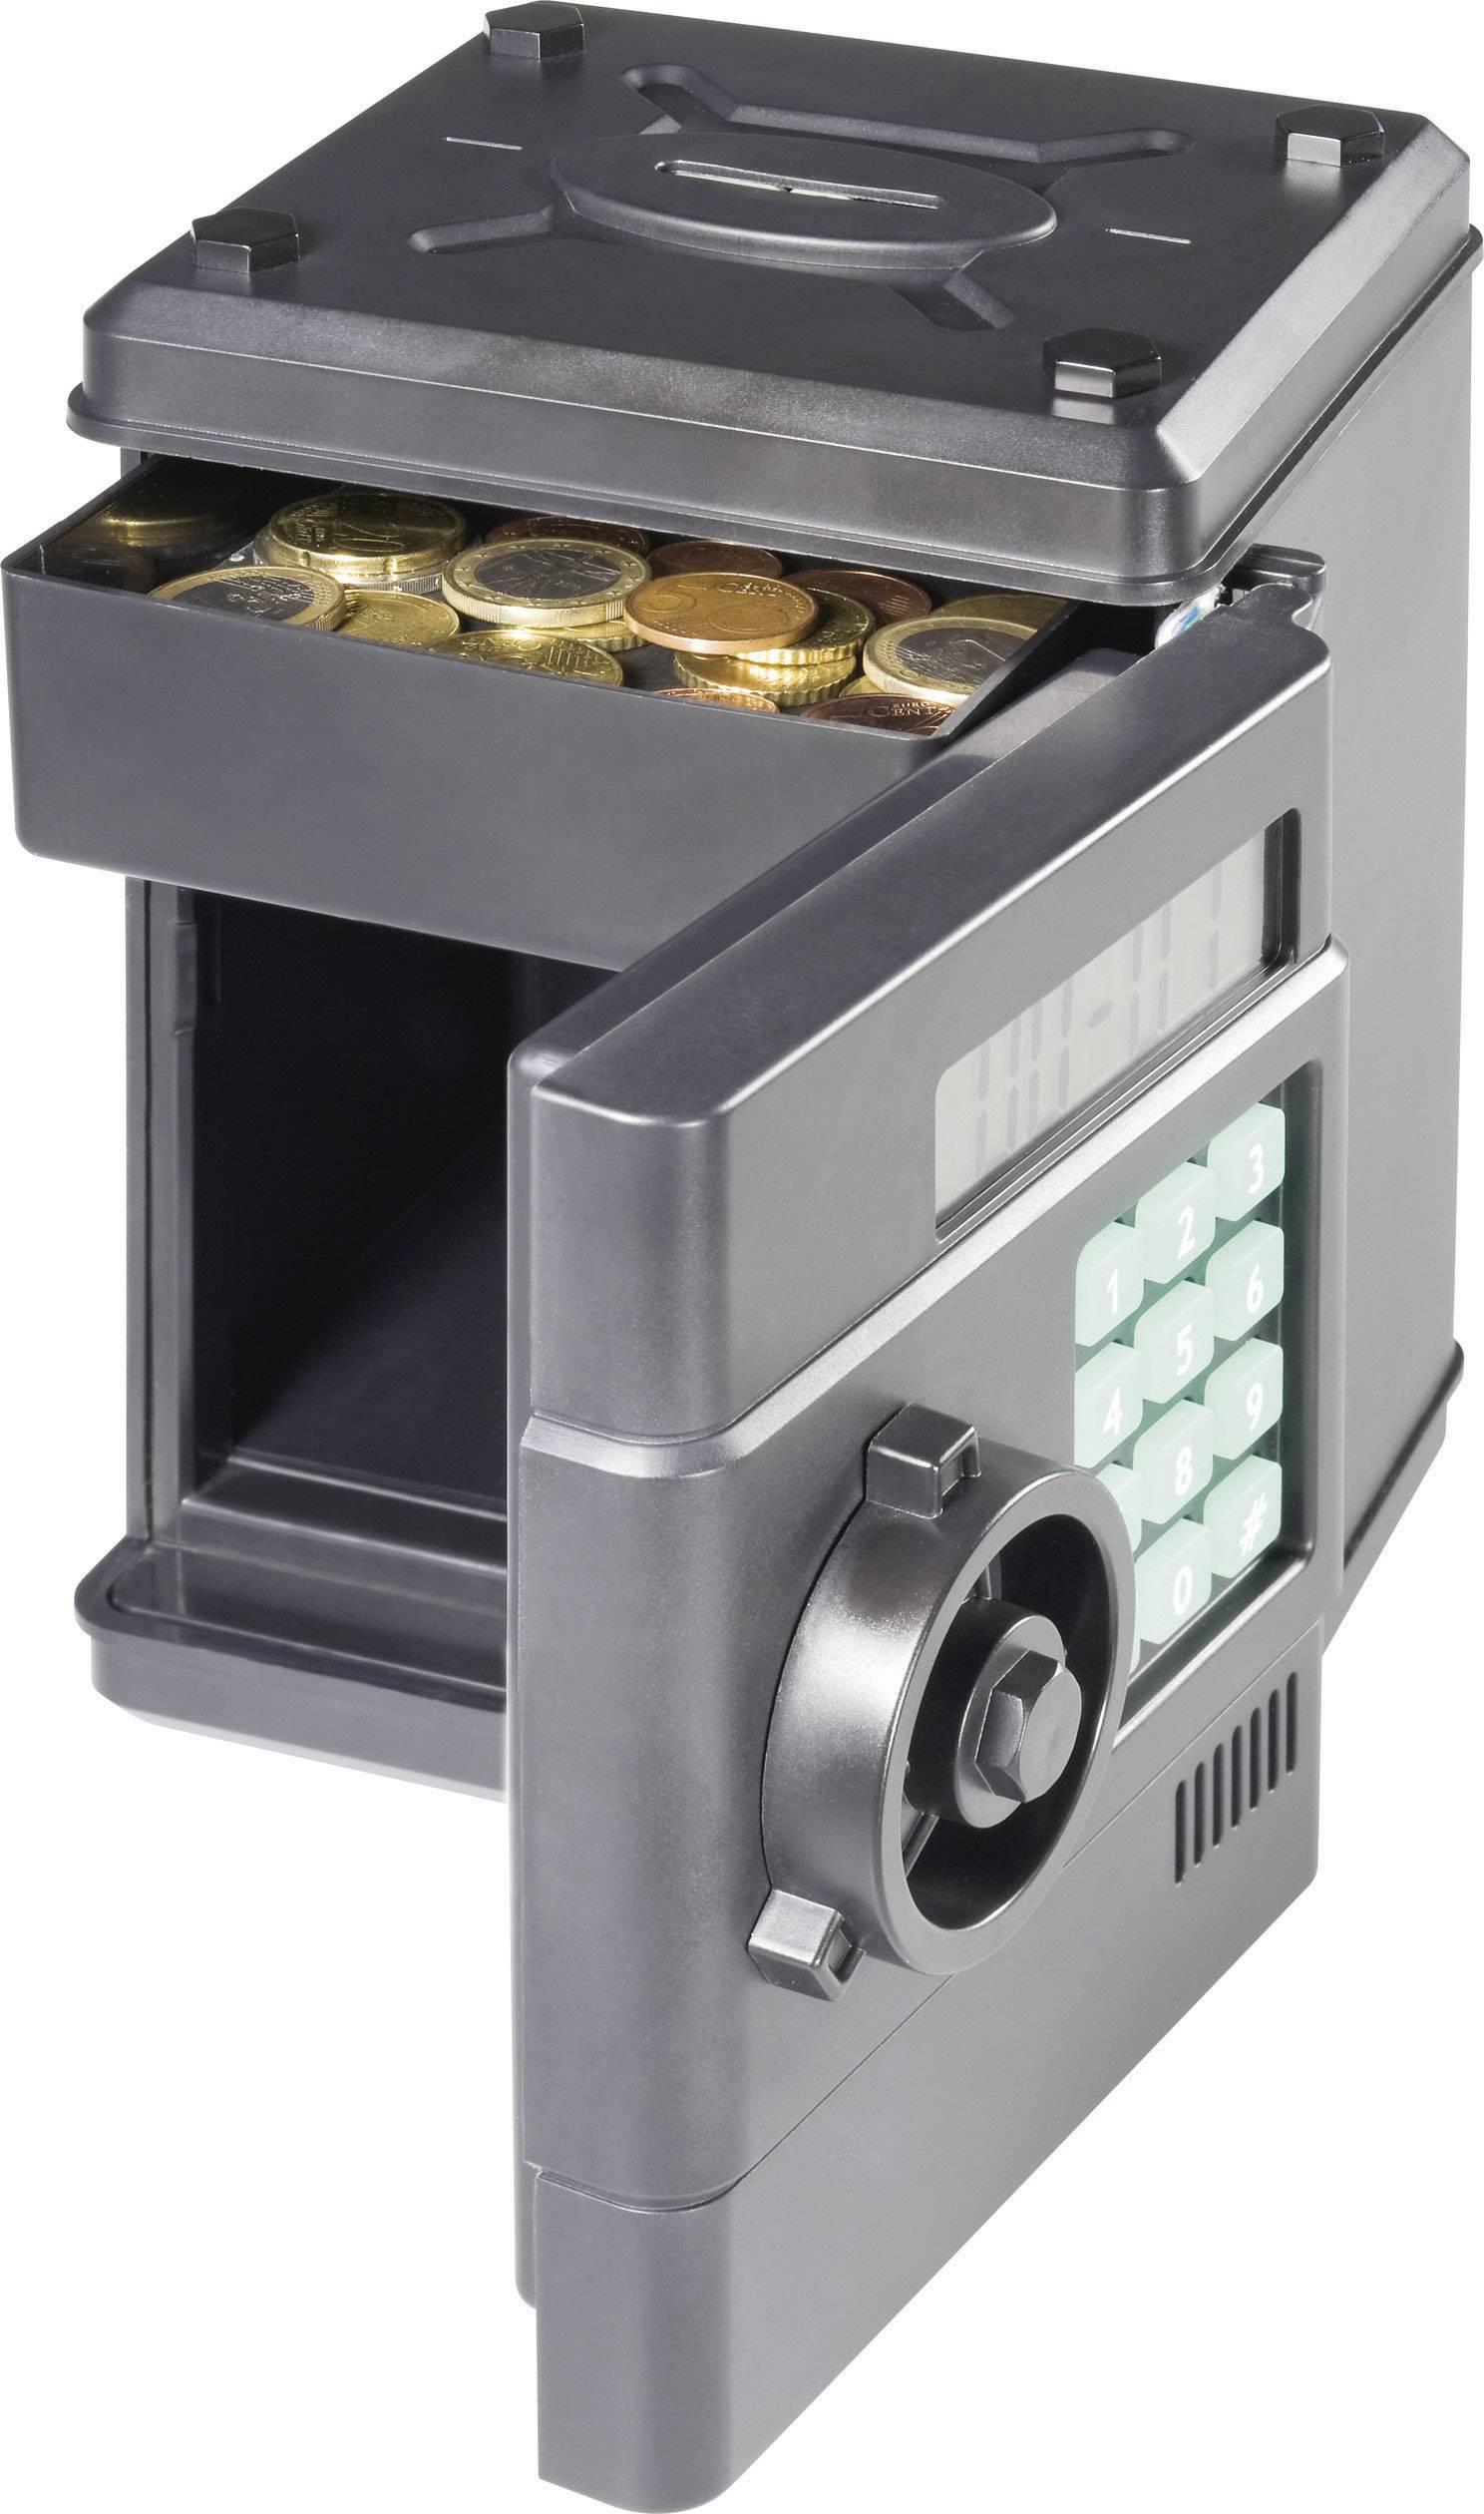 Pokladnička s digitálnym počítadlom EURO mincí